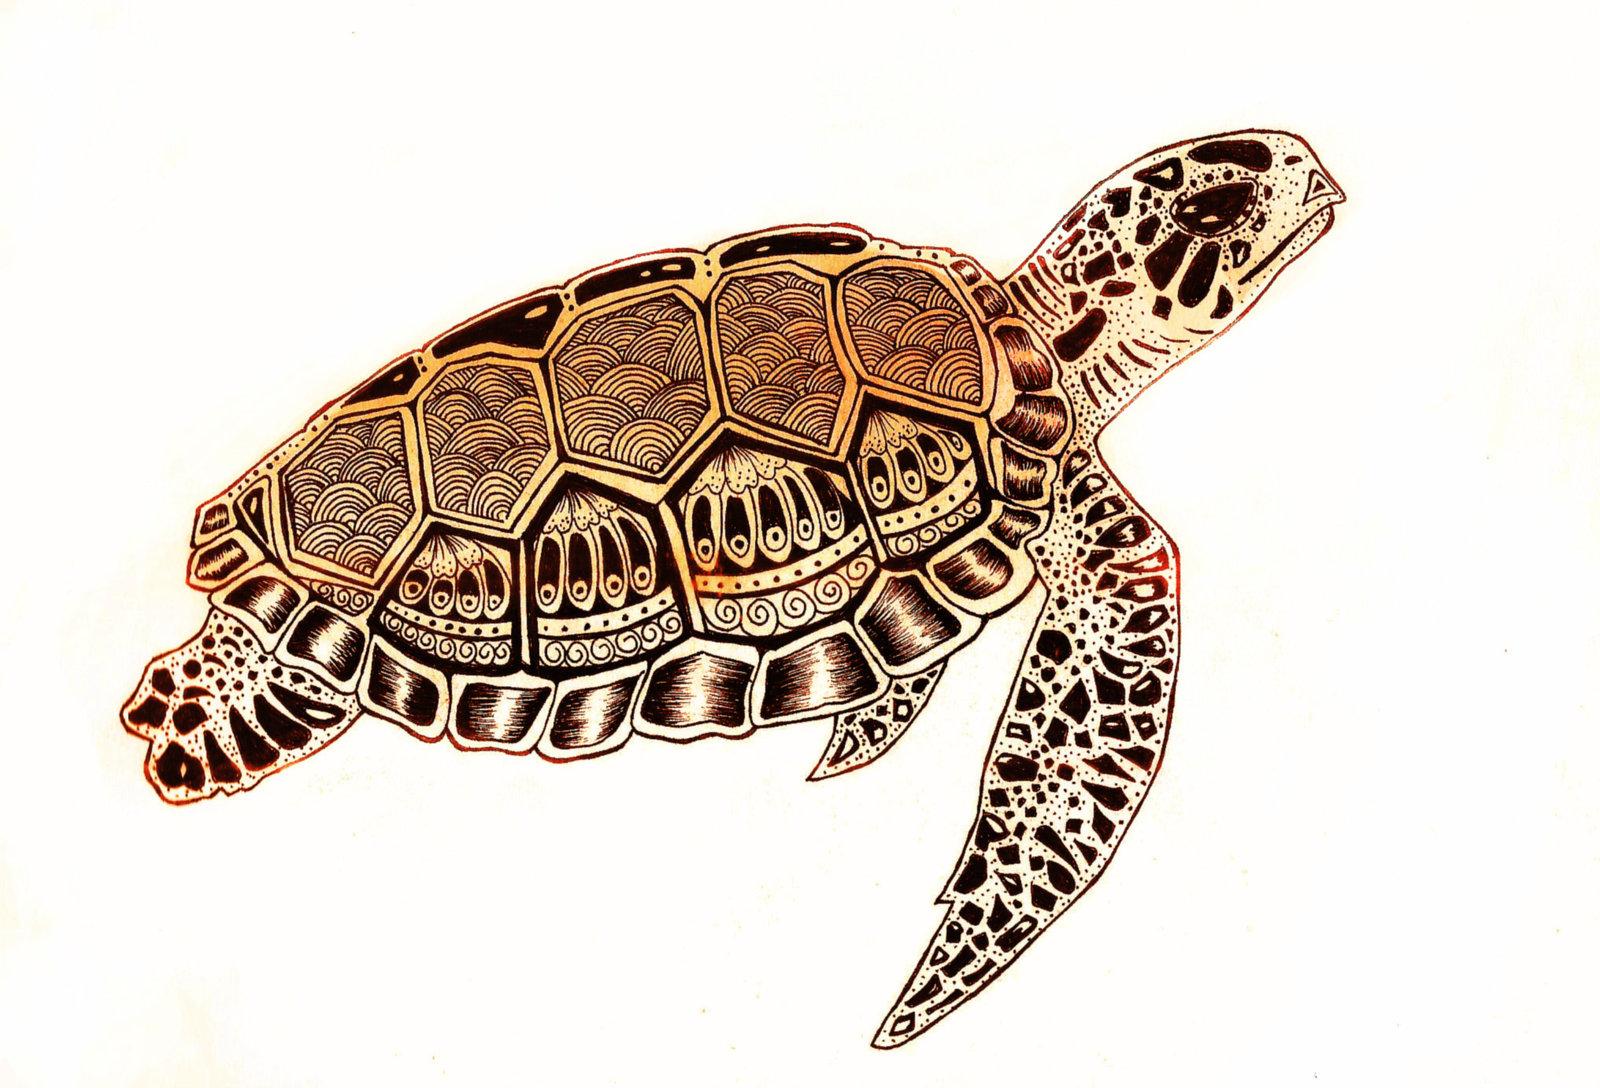 1600x1088 Realistic Sea Turtle Drawing